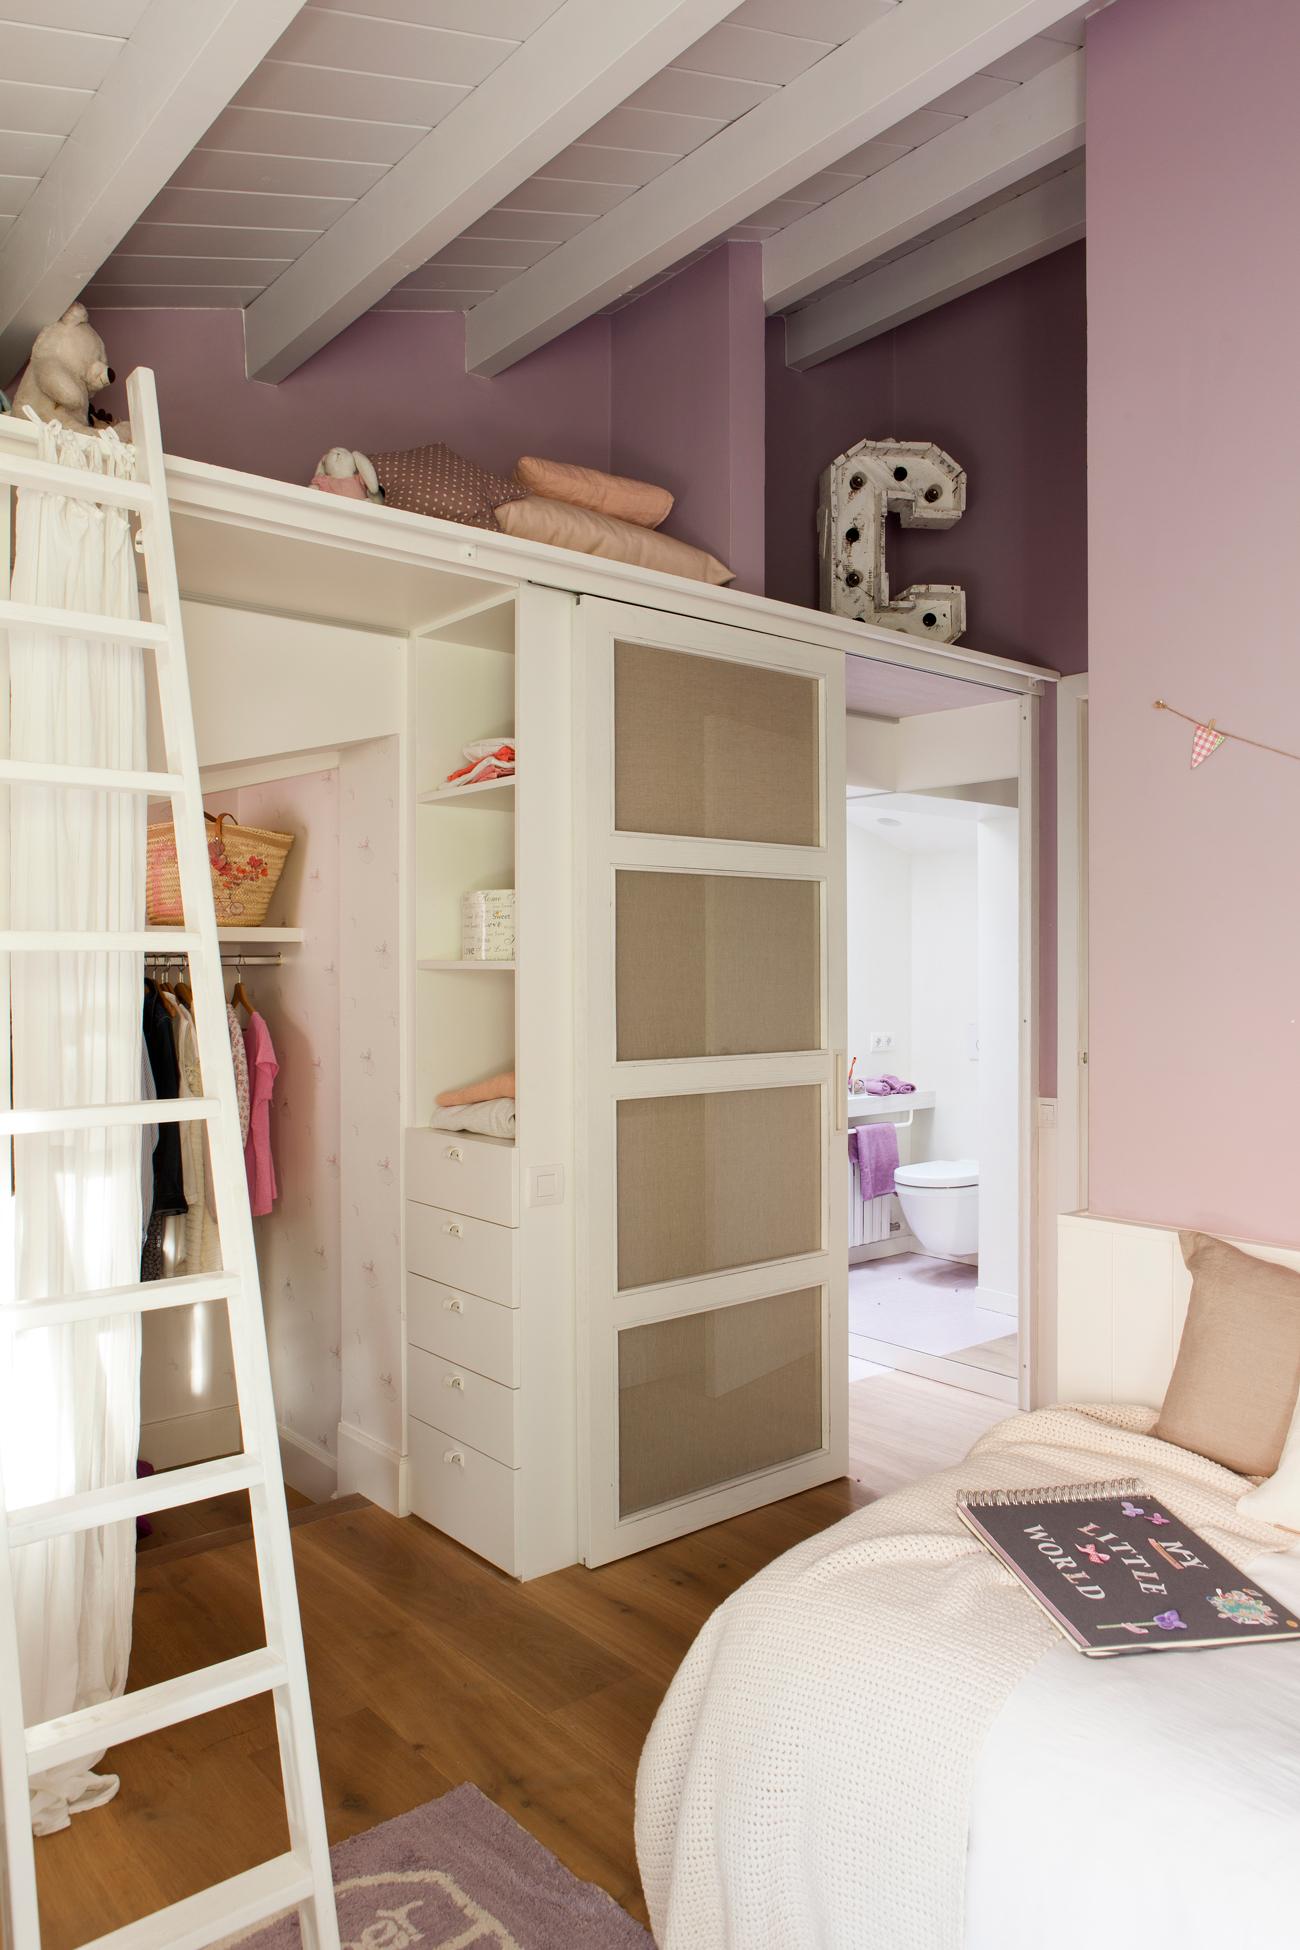 Ideas para decorar la habitaci n de los ni os - Habitacion infantil rosa ...